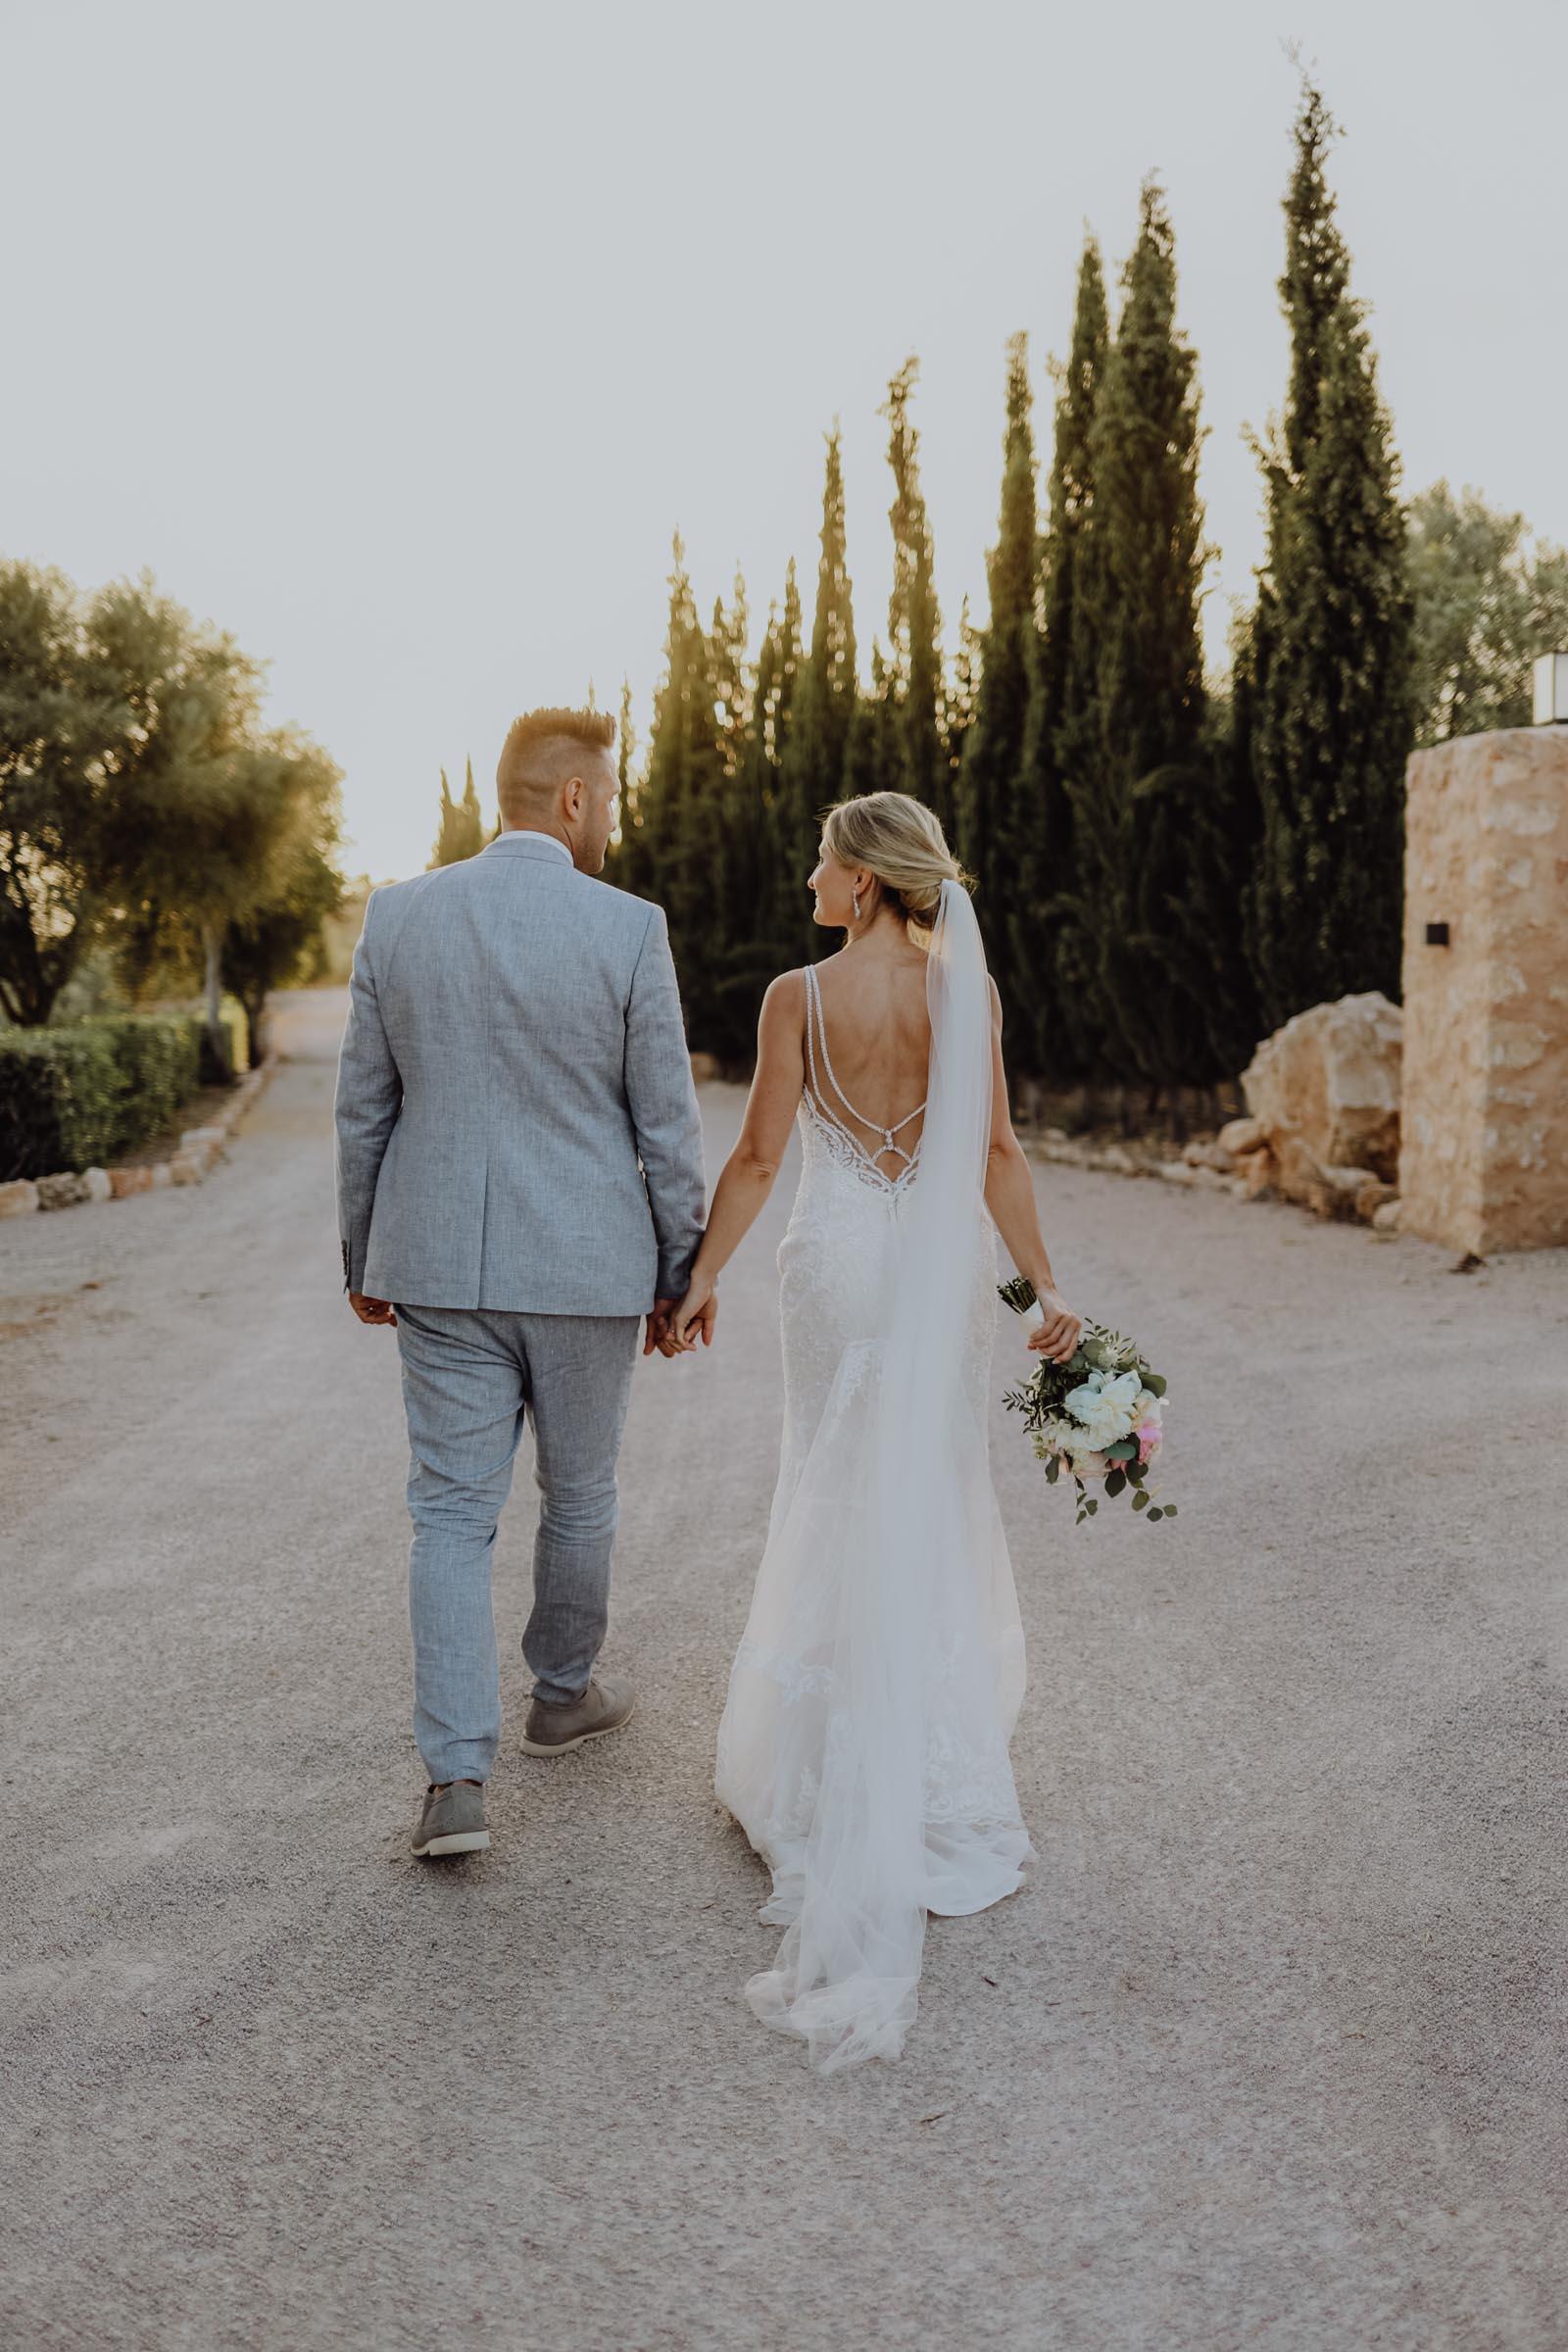 Mann und Frau laufen Hand in Hand auf einem Schotterweg